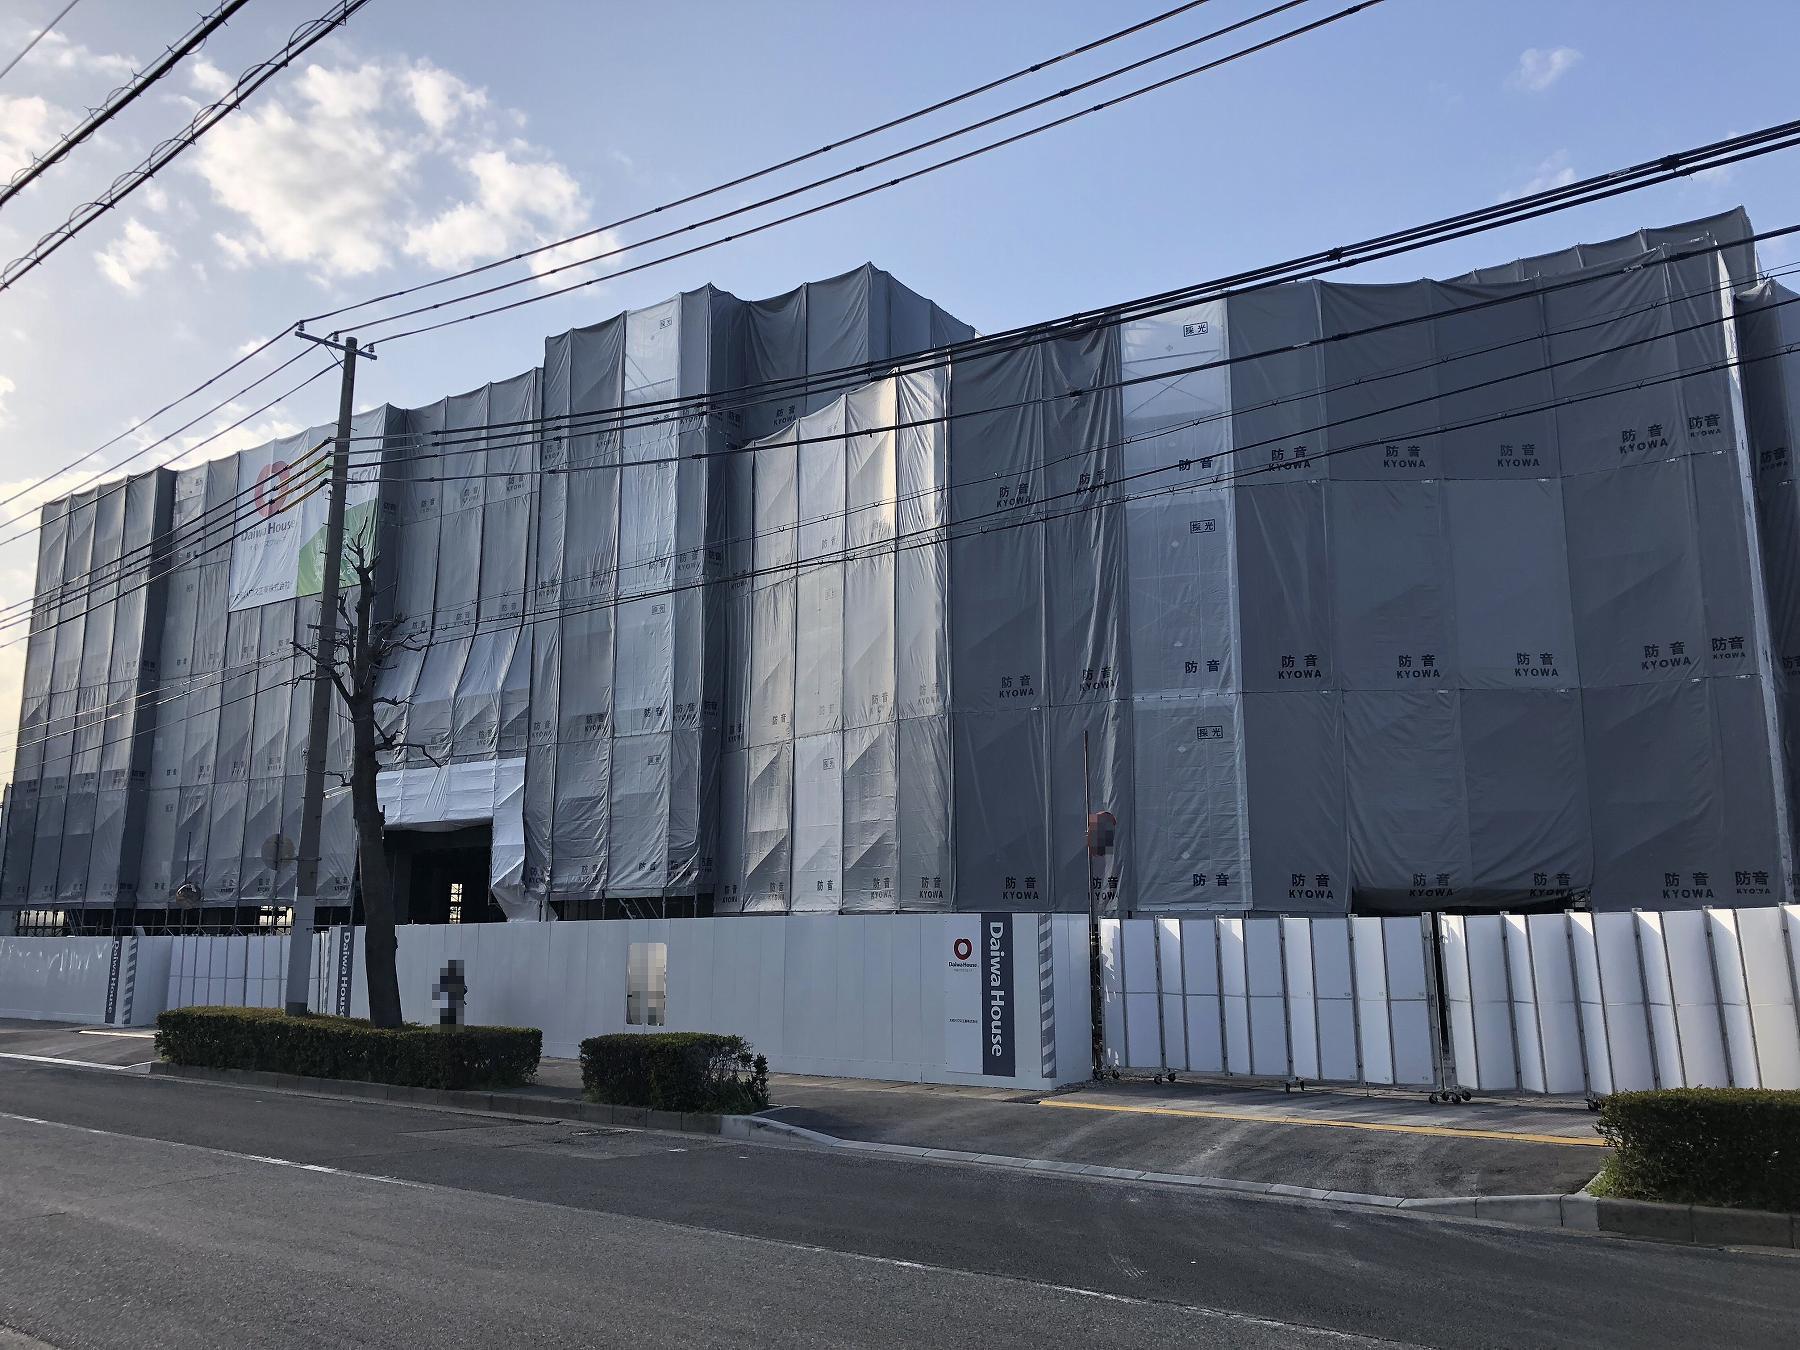 神戸・JR住吉南に「恋野温泉 うはらの湯」が2018年10月オープン予定!建設の様子を見てきた! #恋野温泉 #うはらの湯 #東灘区 #新規オープン